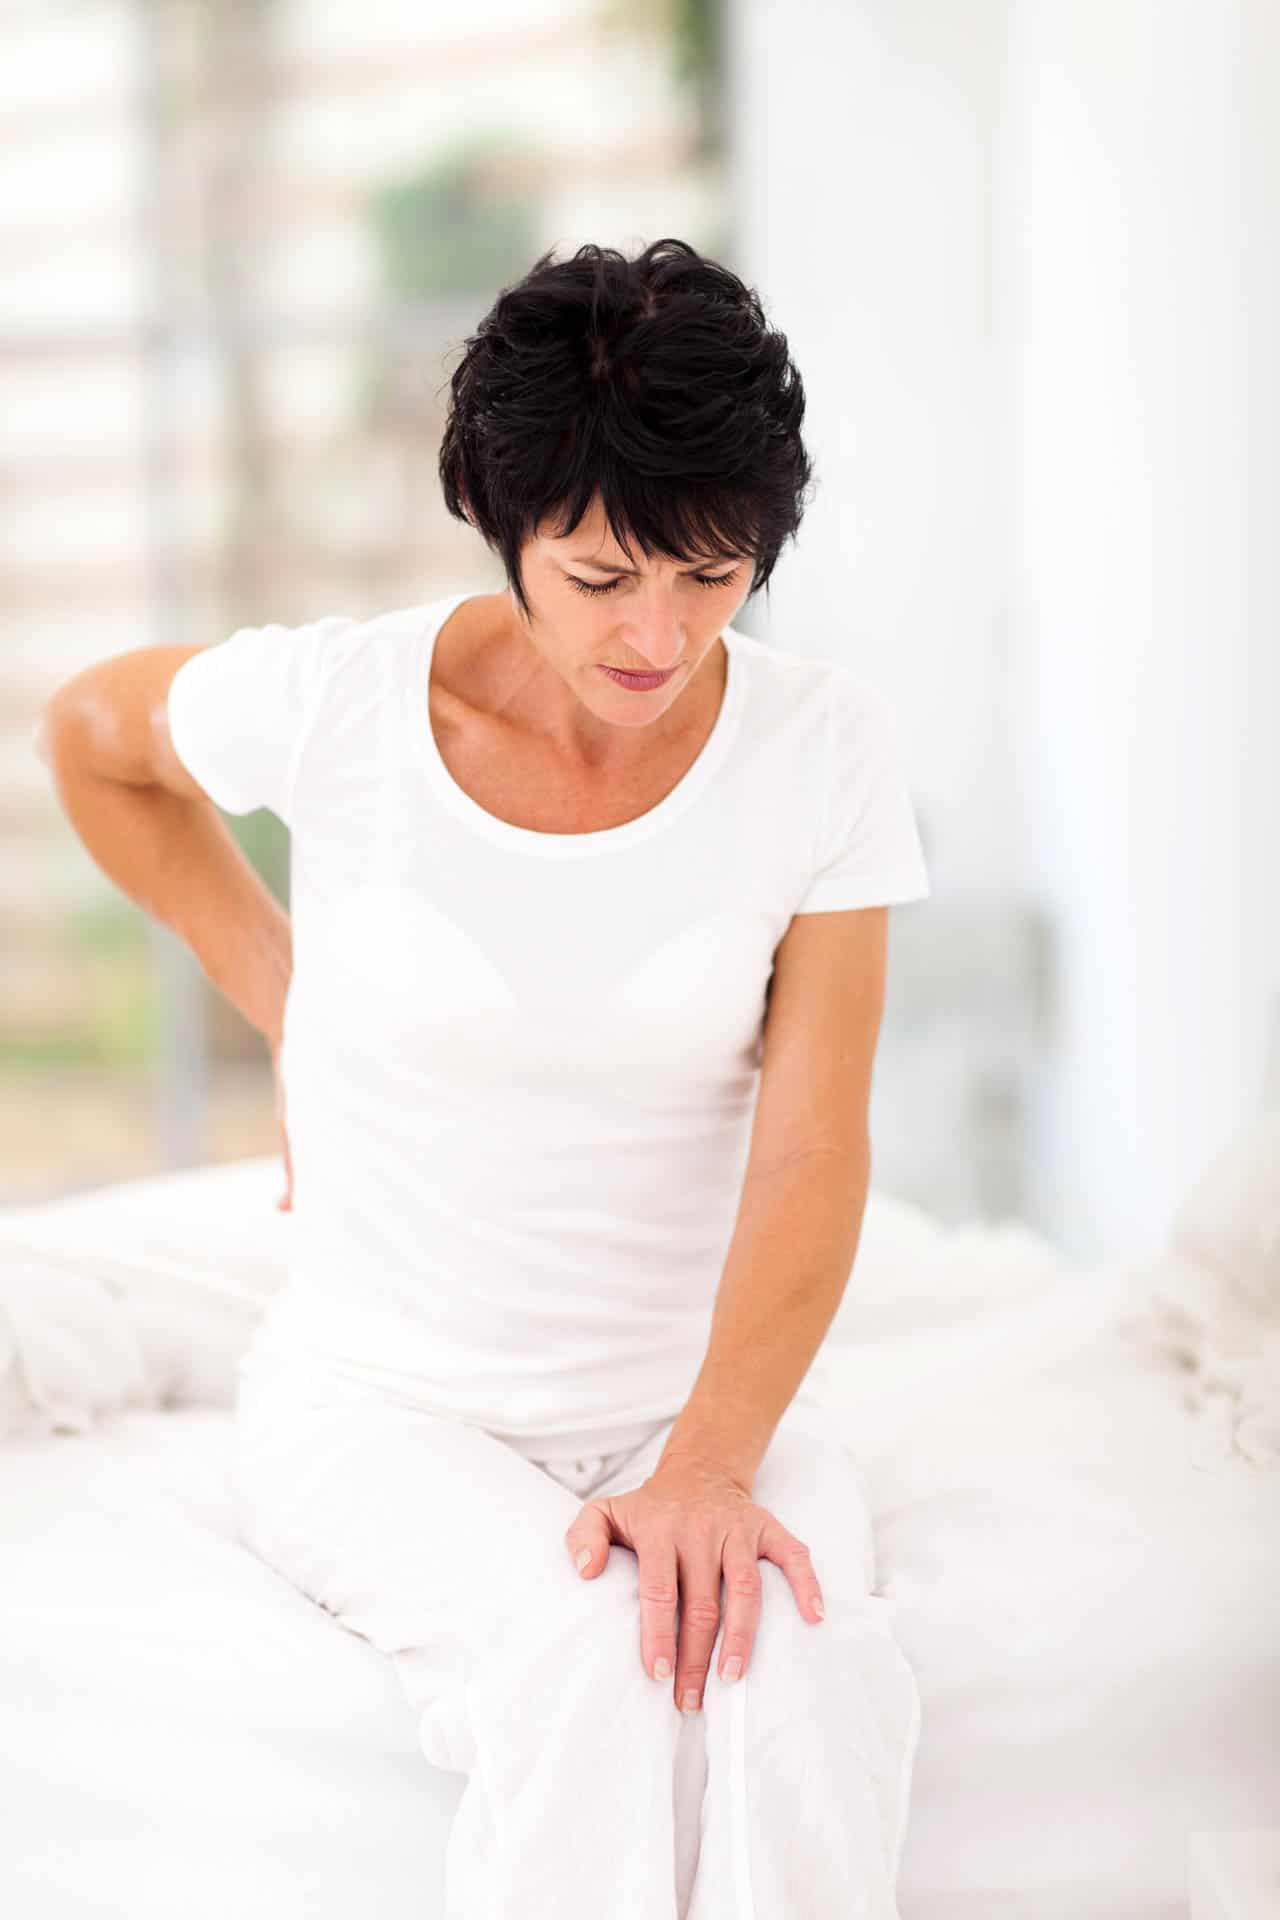 Frau mit Schmerzen im unteren Rückenbereich